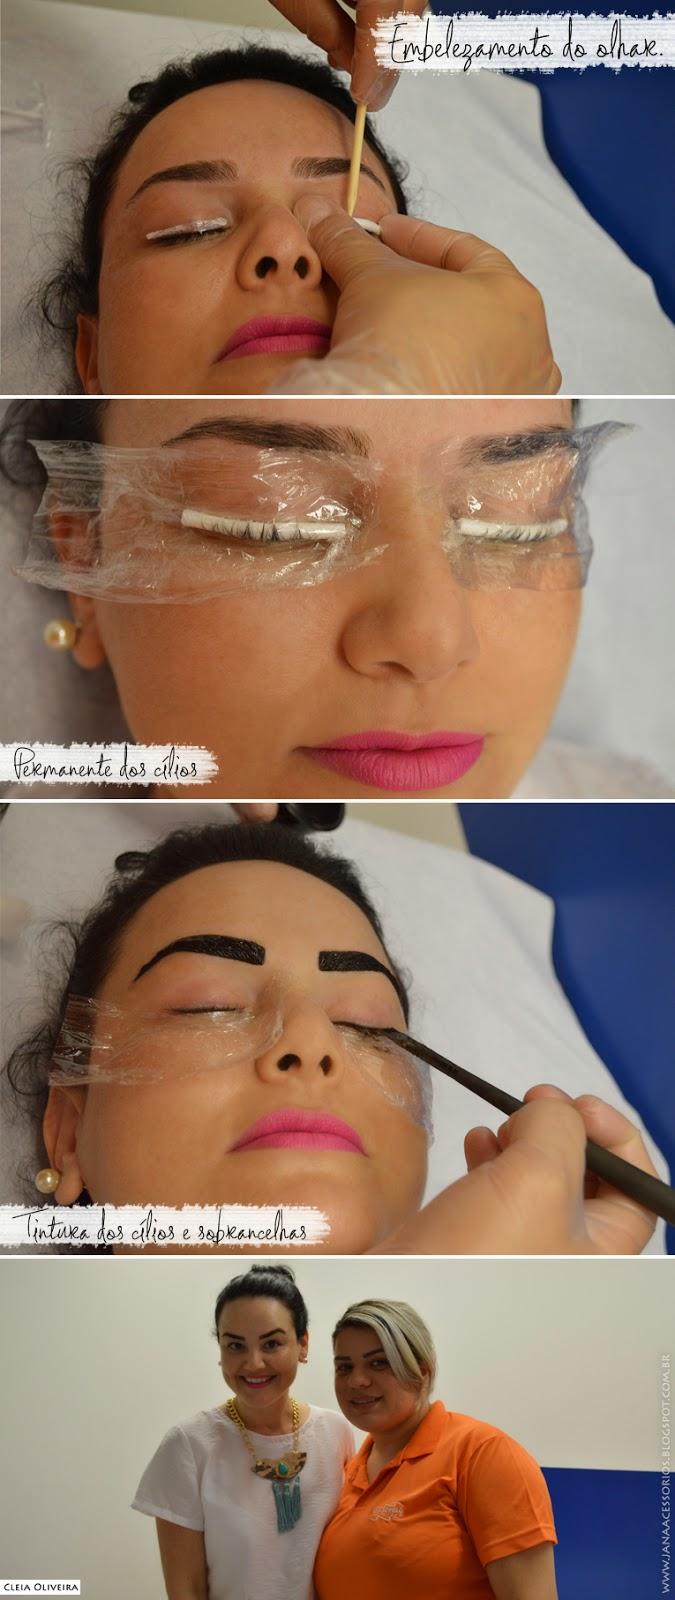 Cia do pelo, joinville, blog da jana, jana, blogueira, design, sobrancelha, tintura, permanente, cílios, Embelezamento do olhar